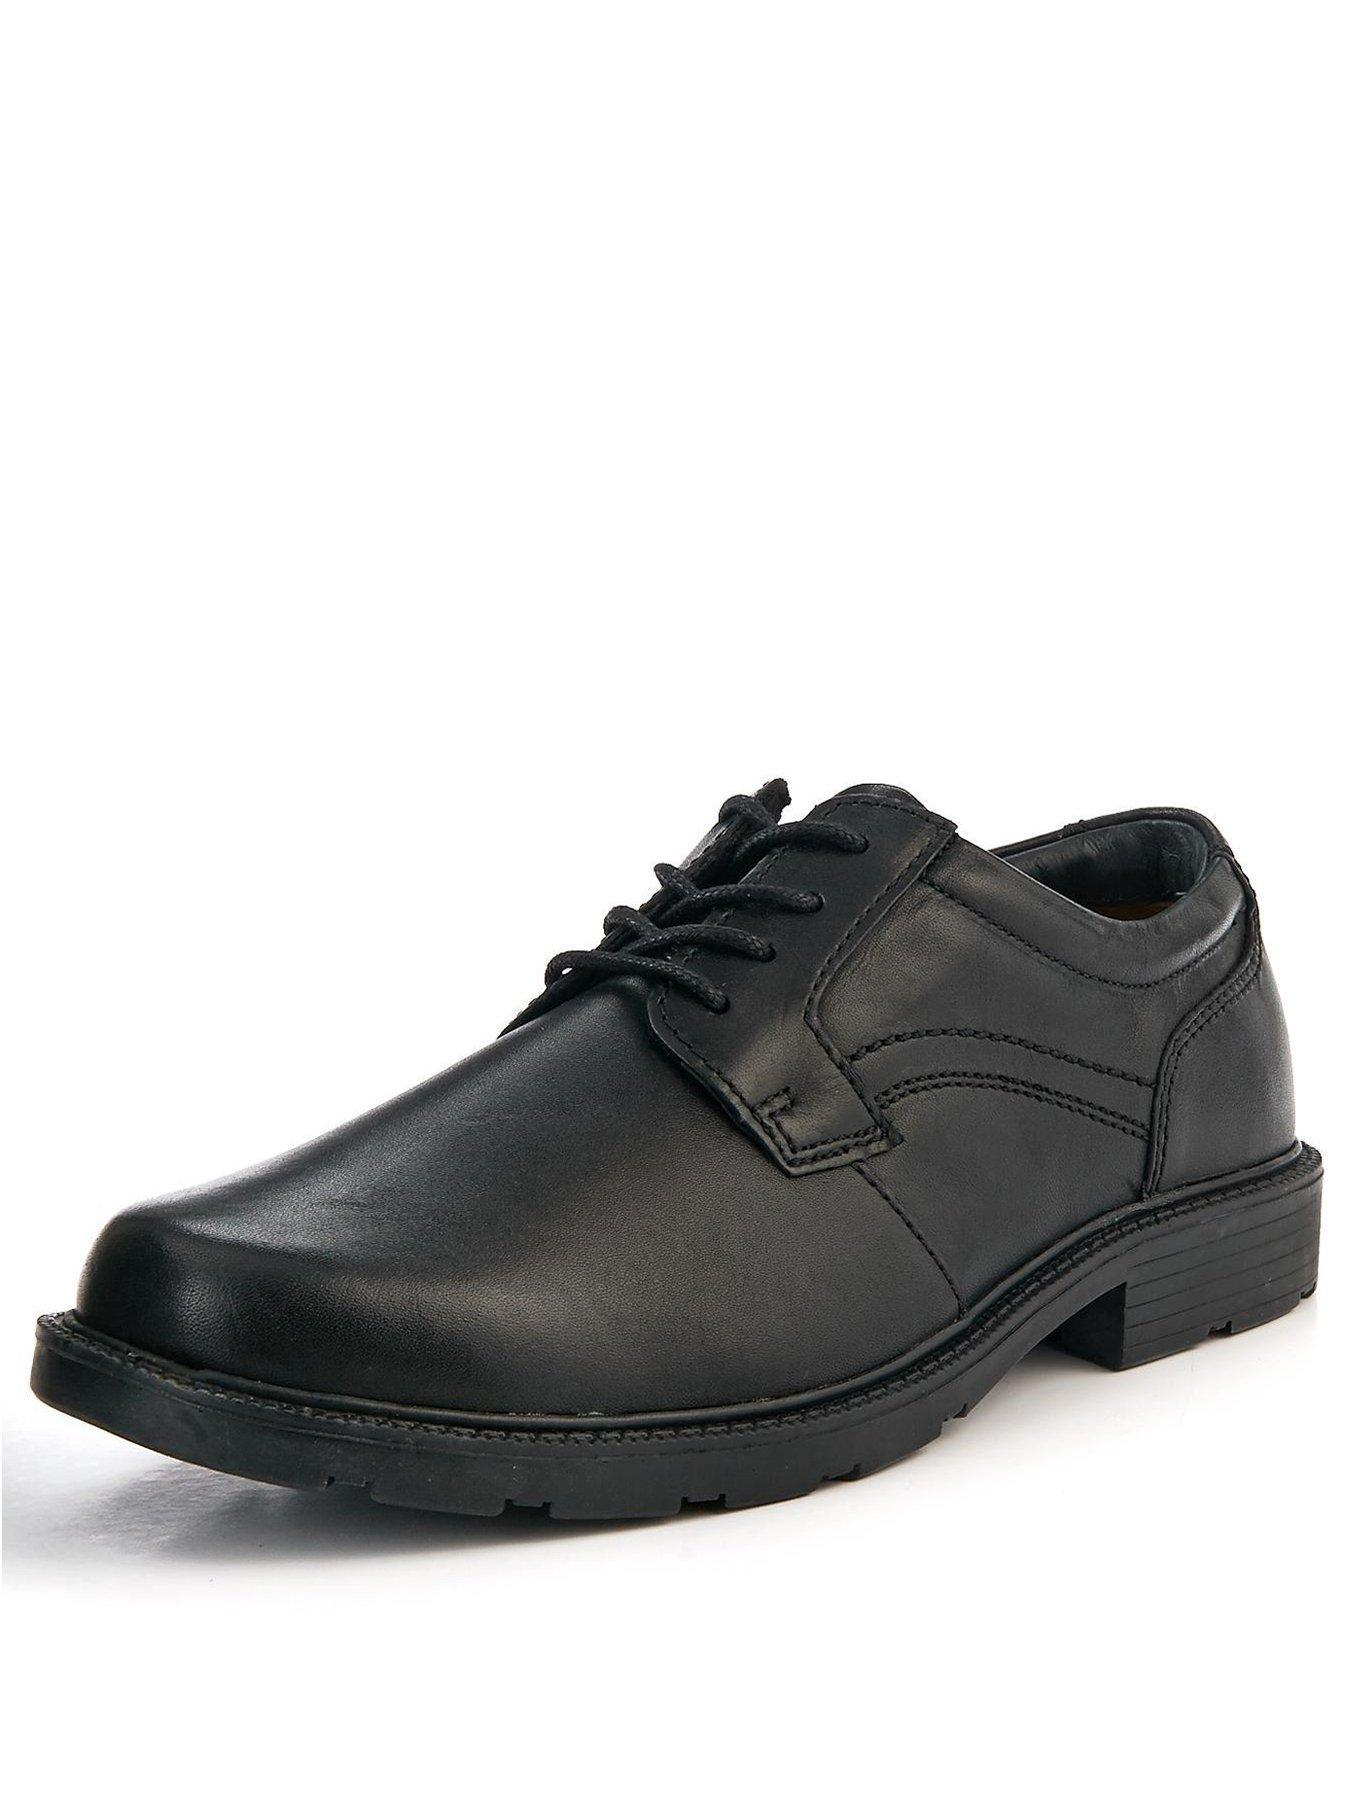 Clarks Lair Lace Up Shoes 1400515479 Men's Shoes Clarks Shoes